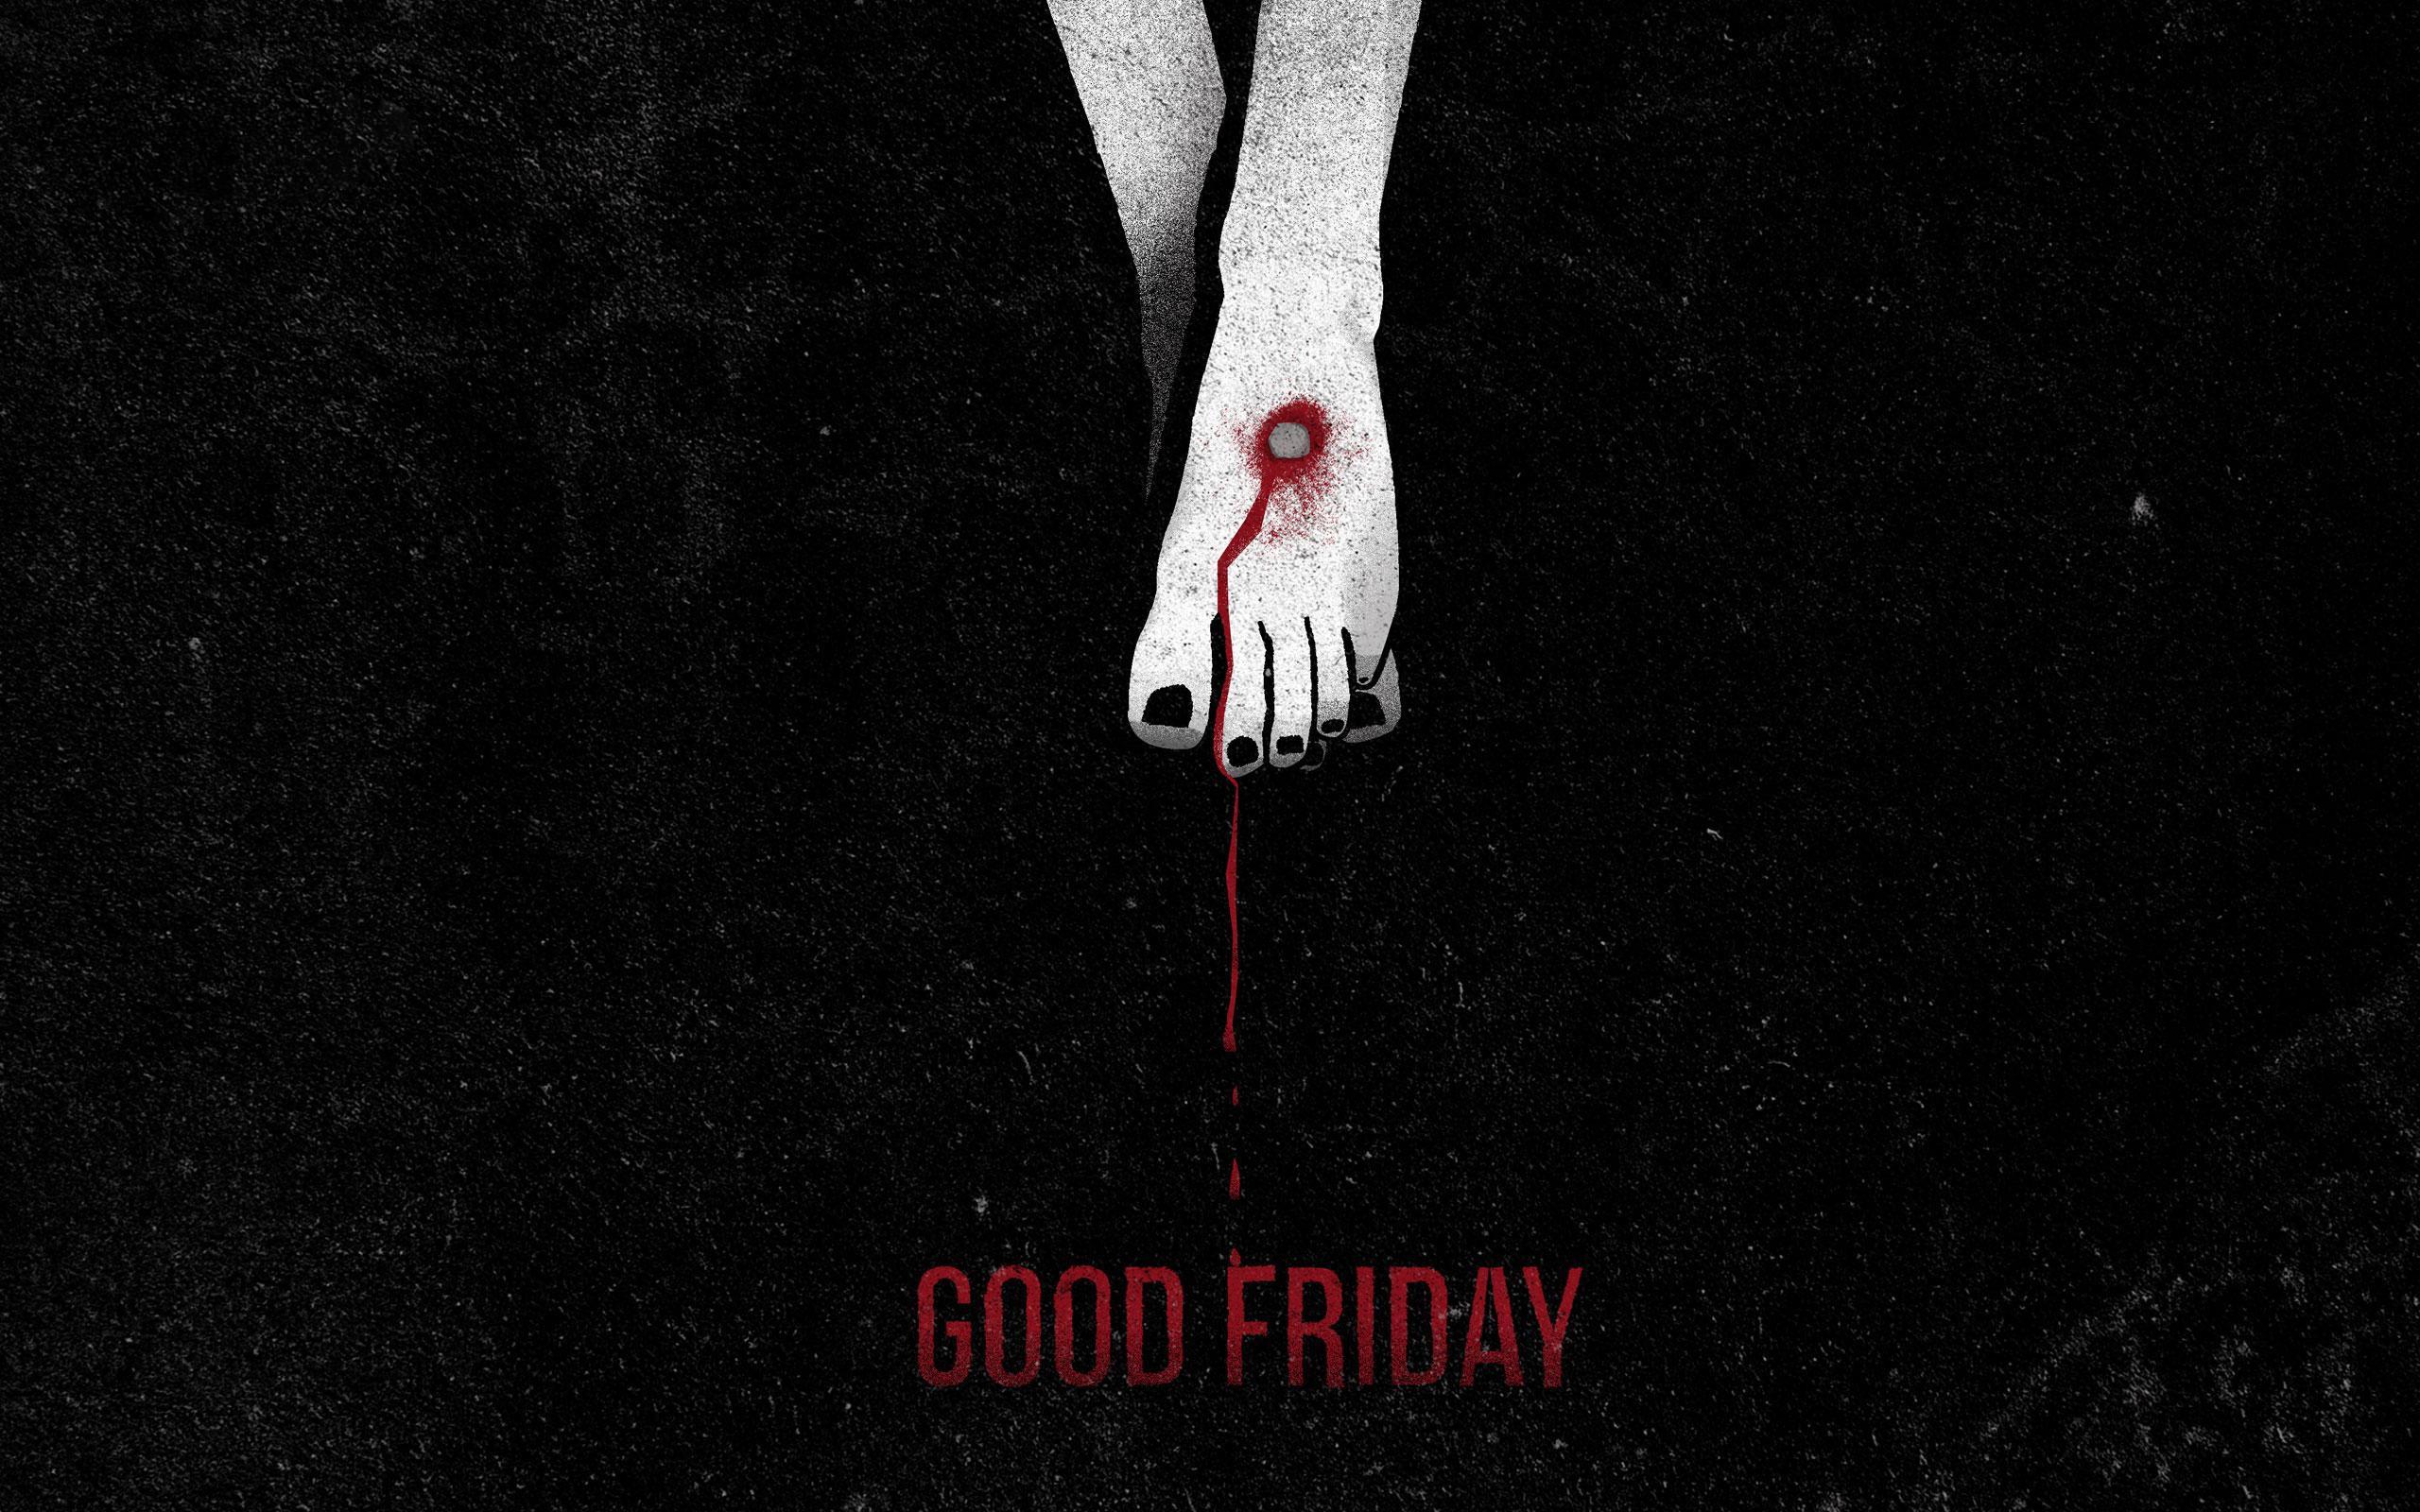 Good Friday Jesus Christ Leg Nailed Image